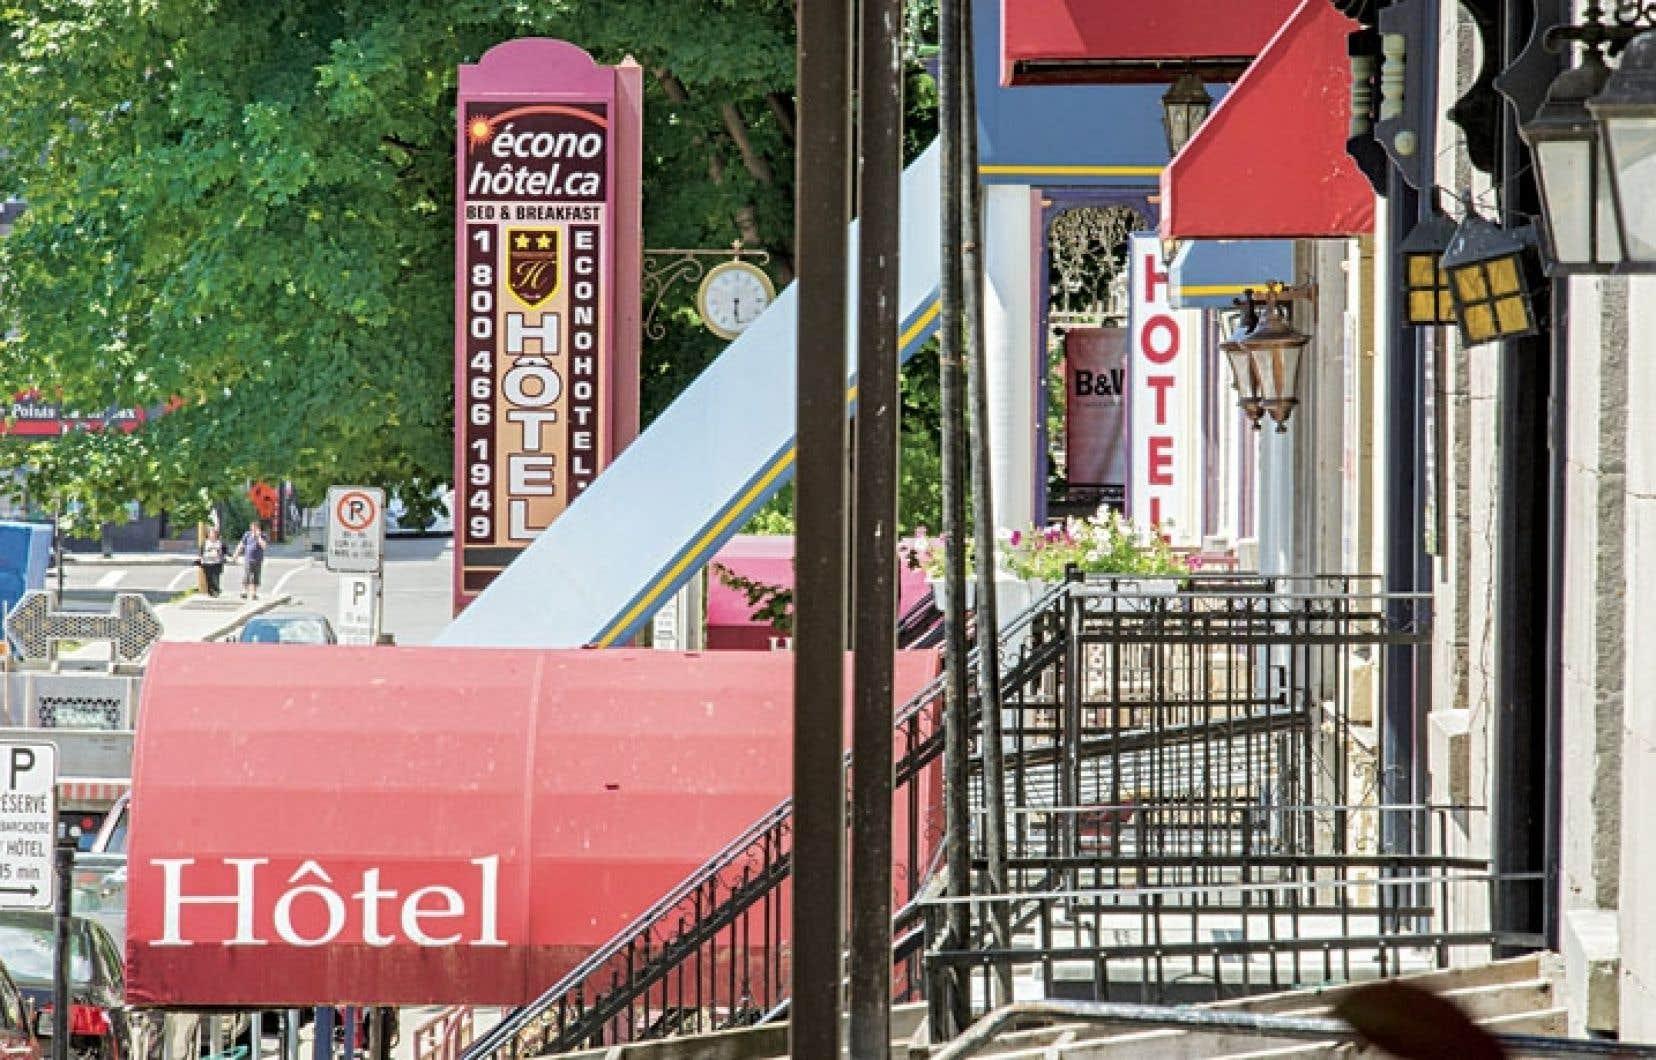 L'industrie touristique souffre de l'hébergement illégal dans la plupart des régions du Québec.